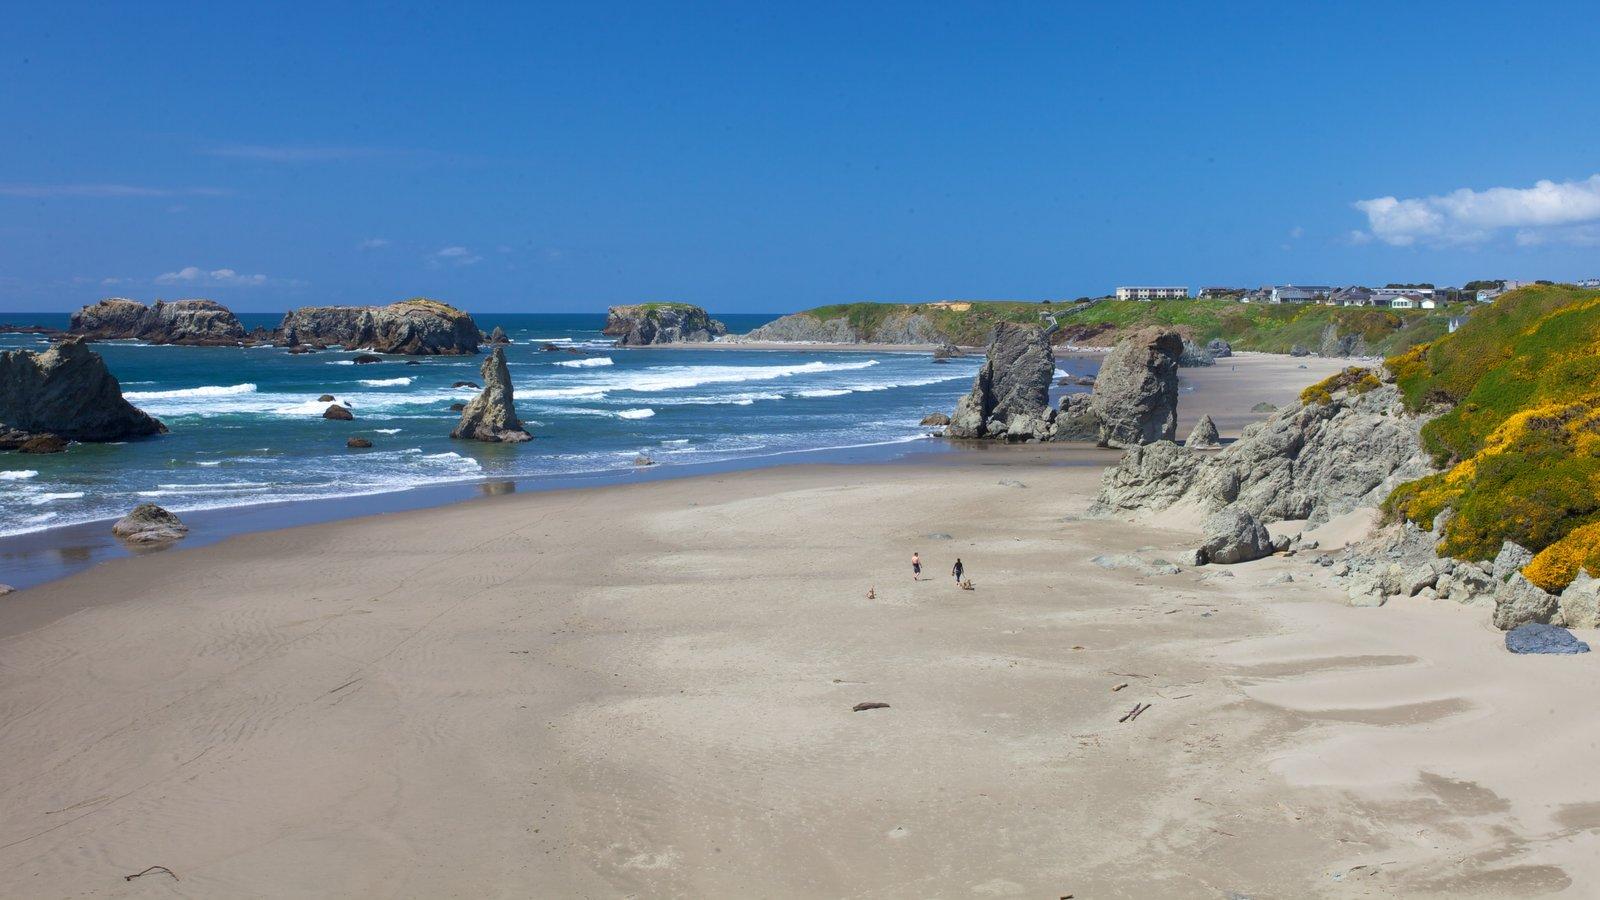 Bandon mostrando paisagem e uma praia